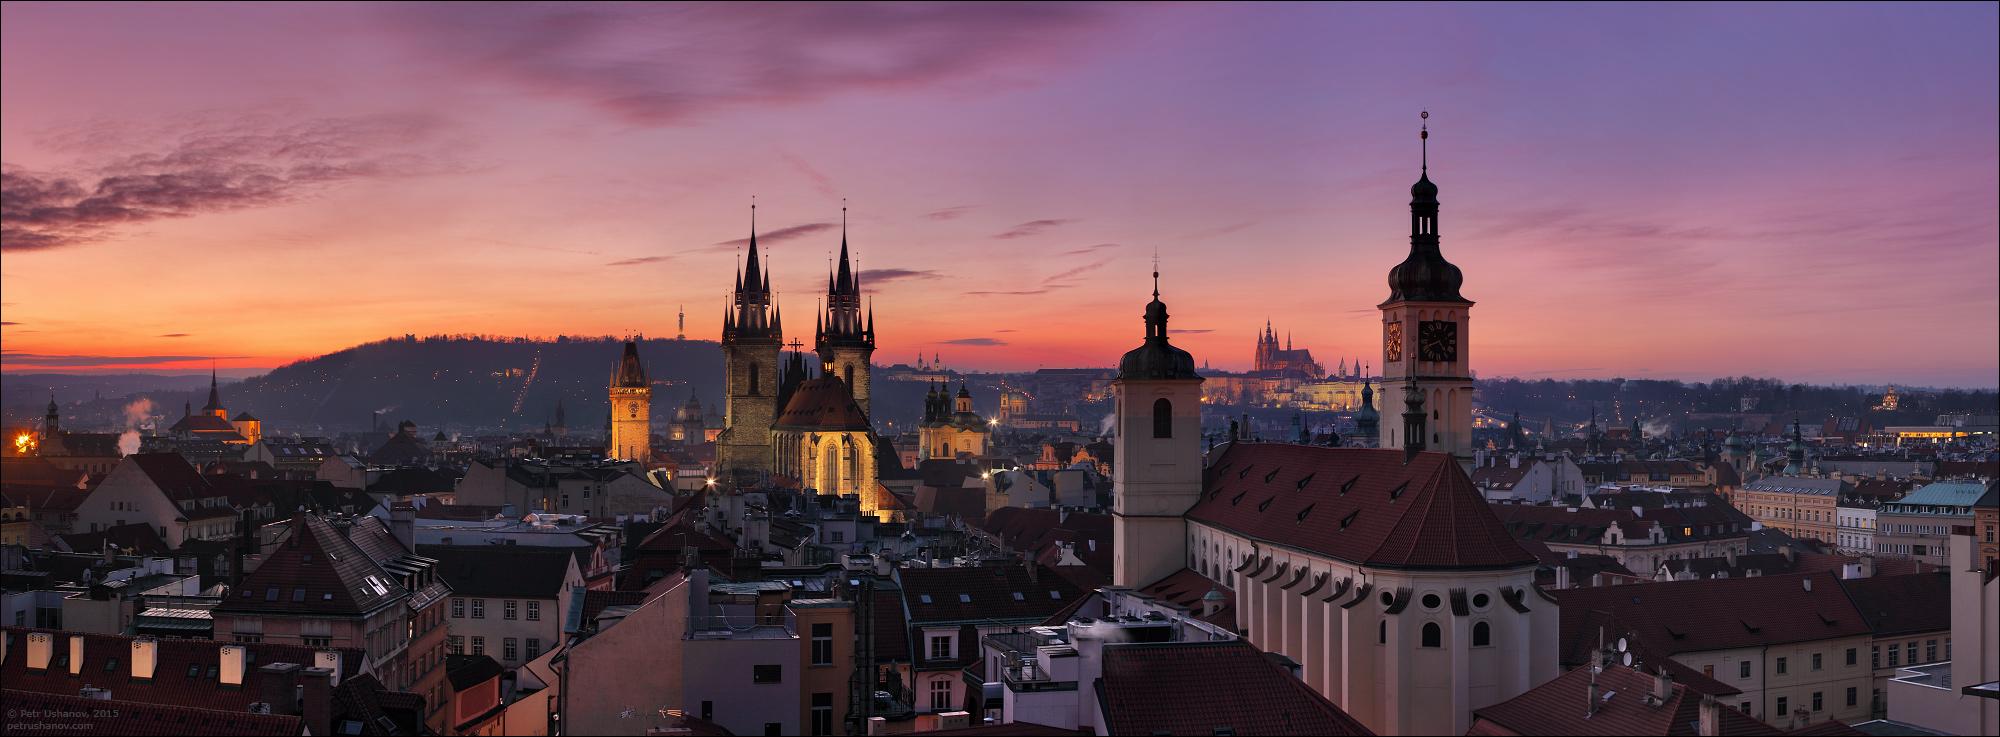 Достопримечательности Праги фото и описание что посмотреть куда сходить